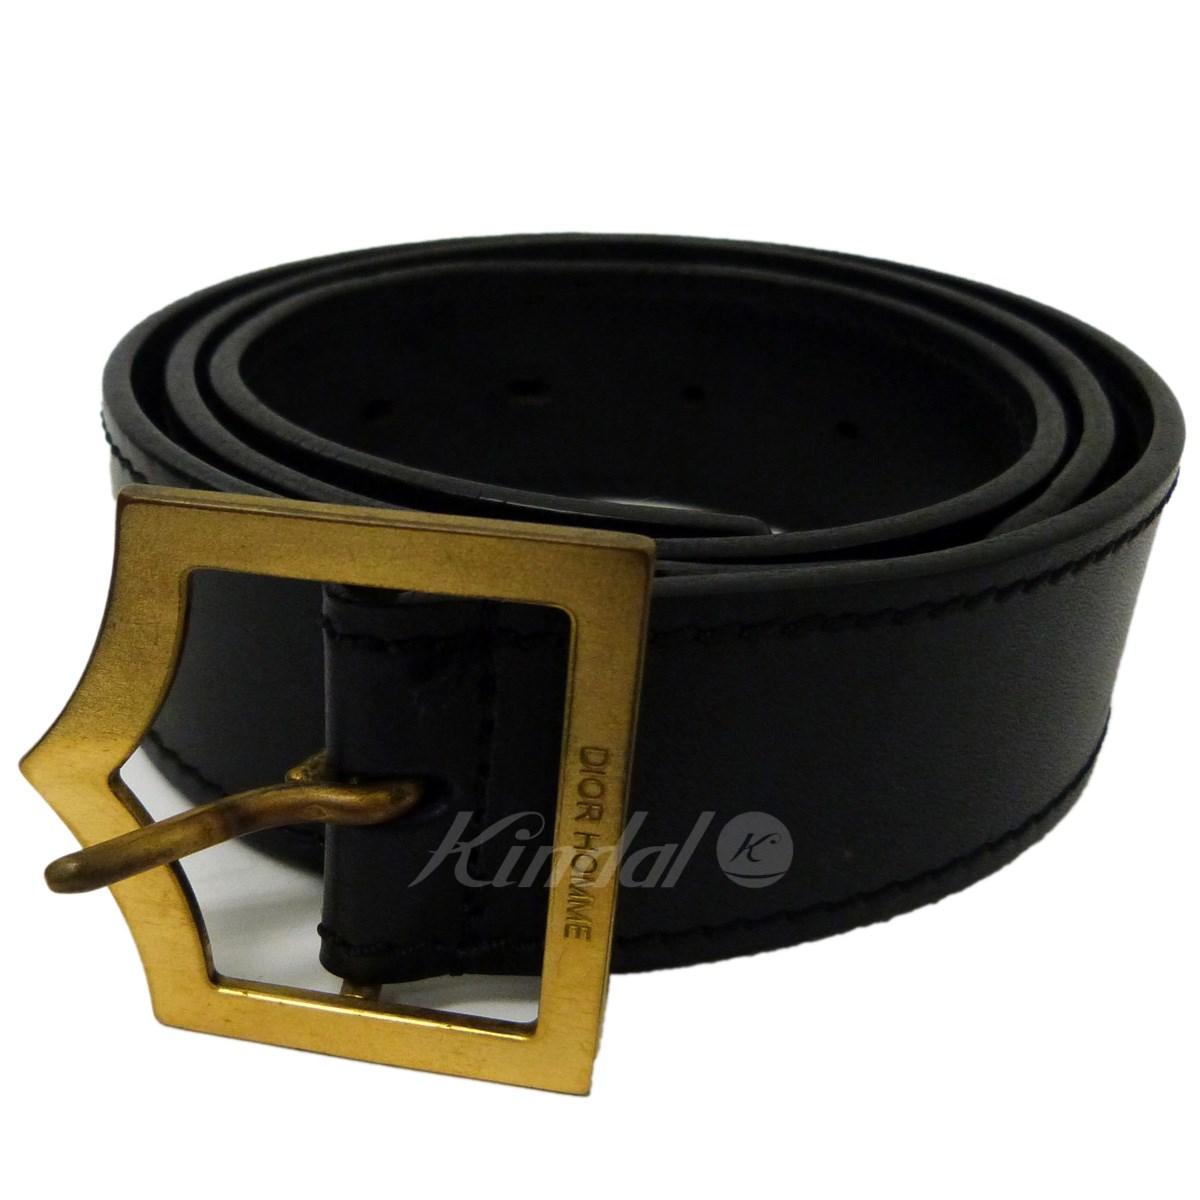 【中古】Dior Homme Dバックルベルト ブラック サイズ:90/105 【送料無料】 【300718】(ディオールオム)